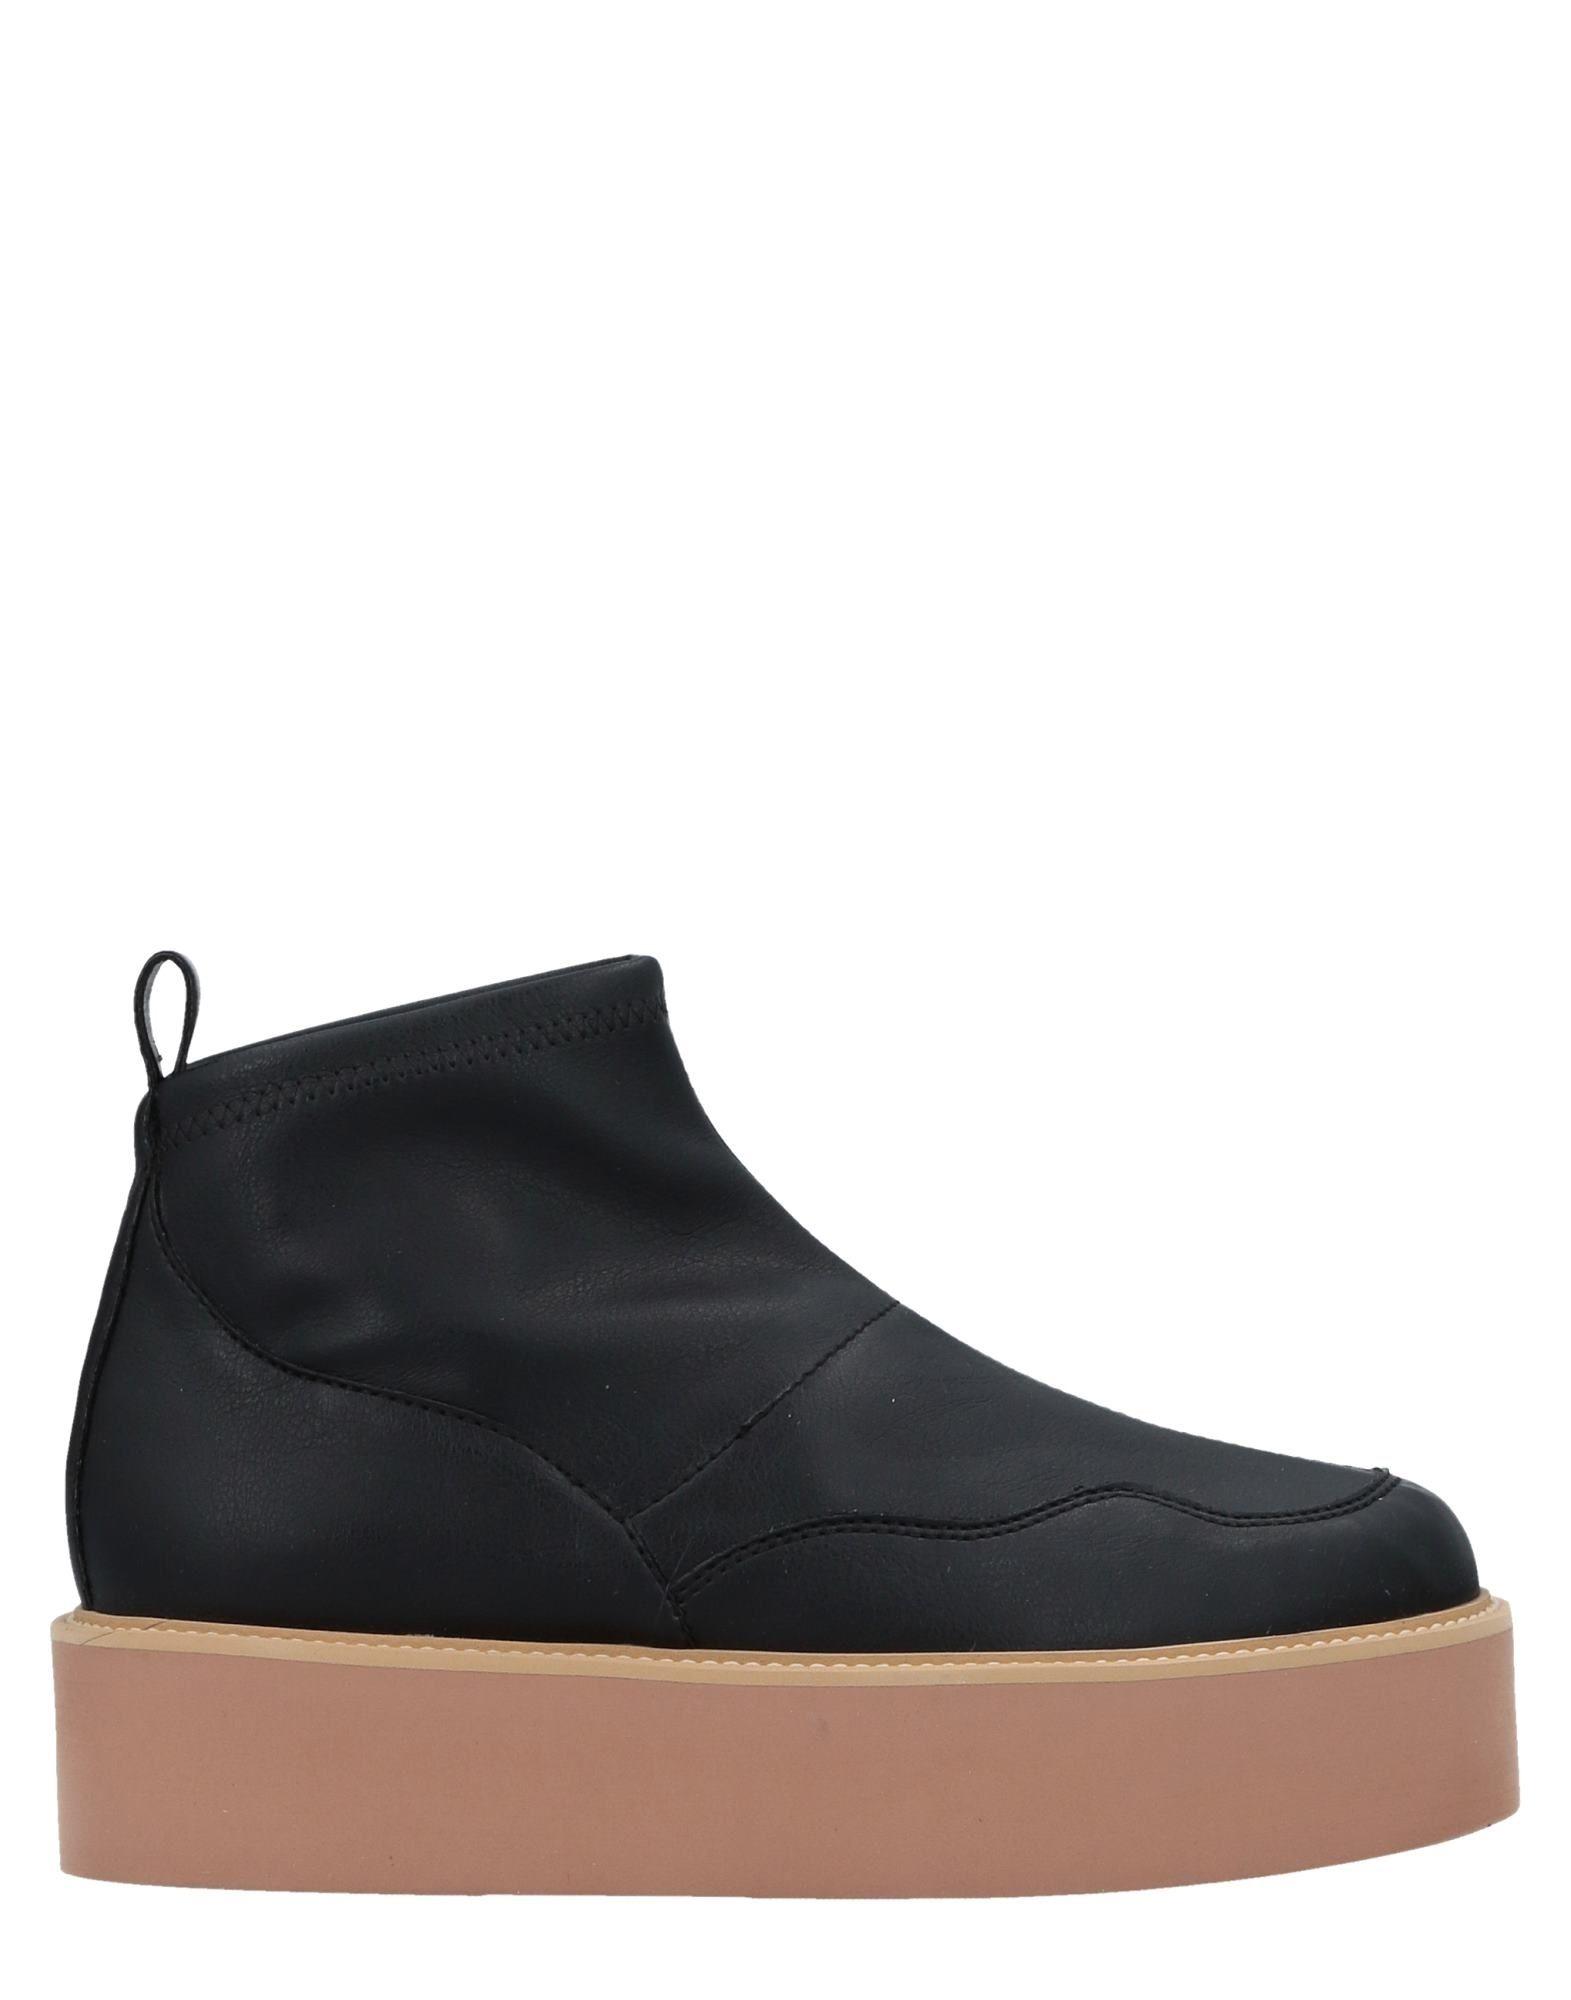 Sneakers Santoni Uomo - 11409696IJ Scarpe economiche e buone